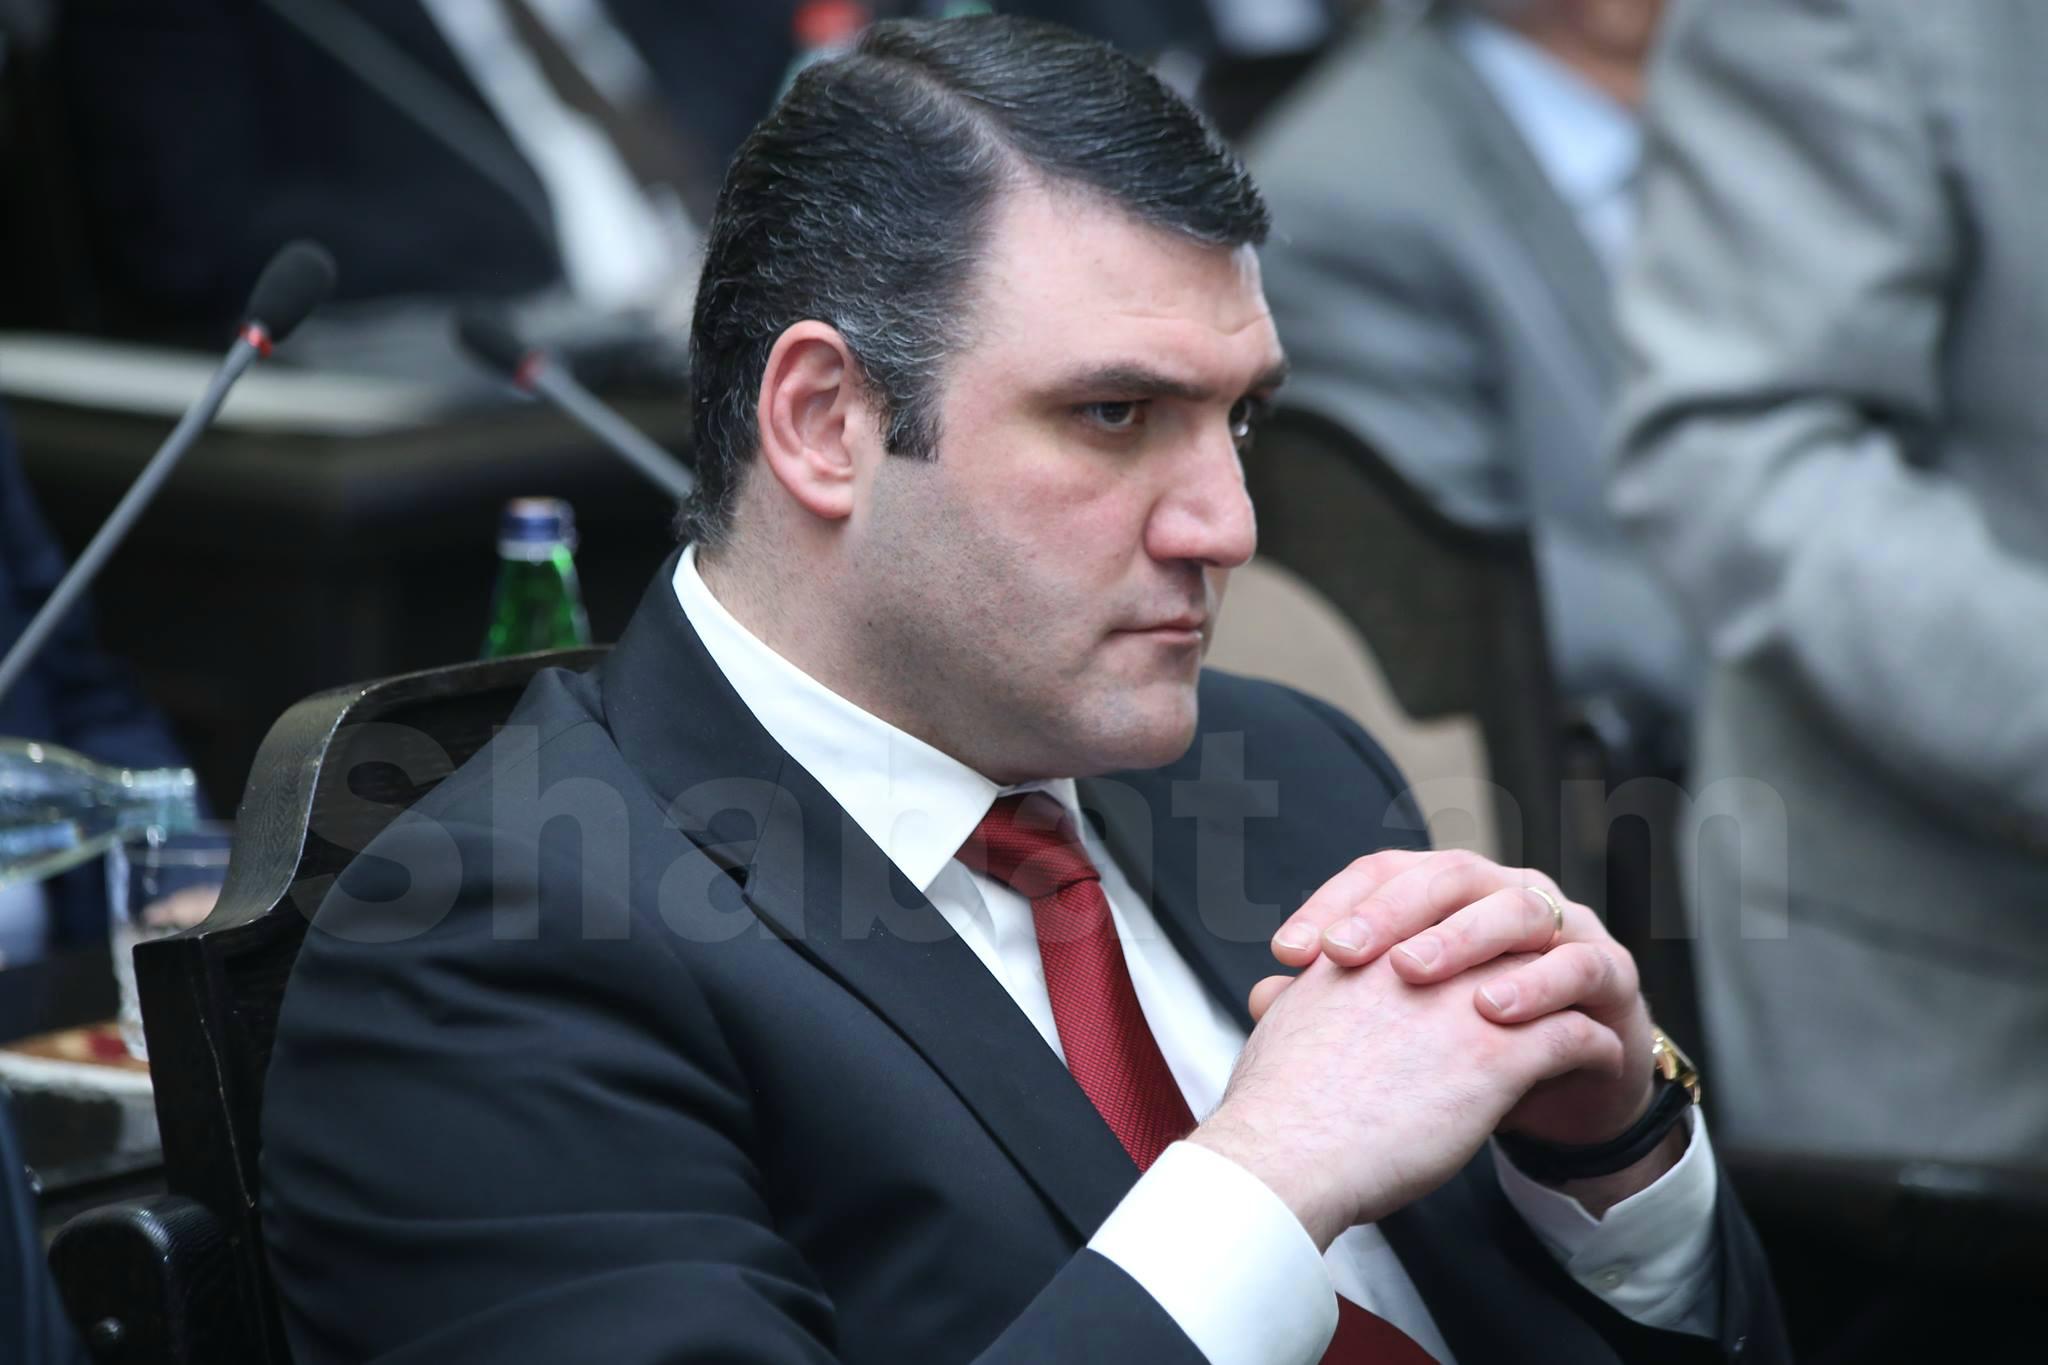 ԱԱԾ և ՀՔԾ ղեկավարներին գաղտնալսելու հարցերի ԱԺ քննիչ հանձնաժողովի նախագահ է Գևորգ Կոստանյան. «Հրապարակ»